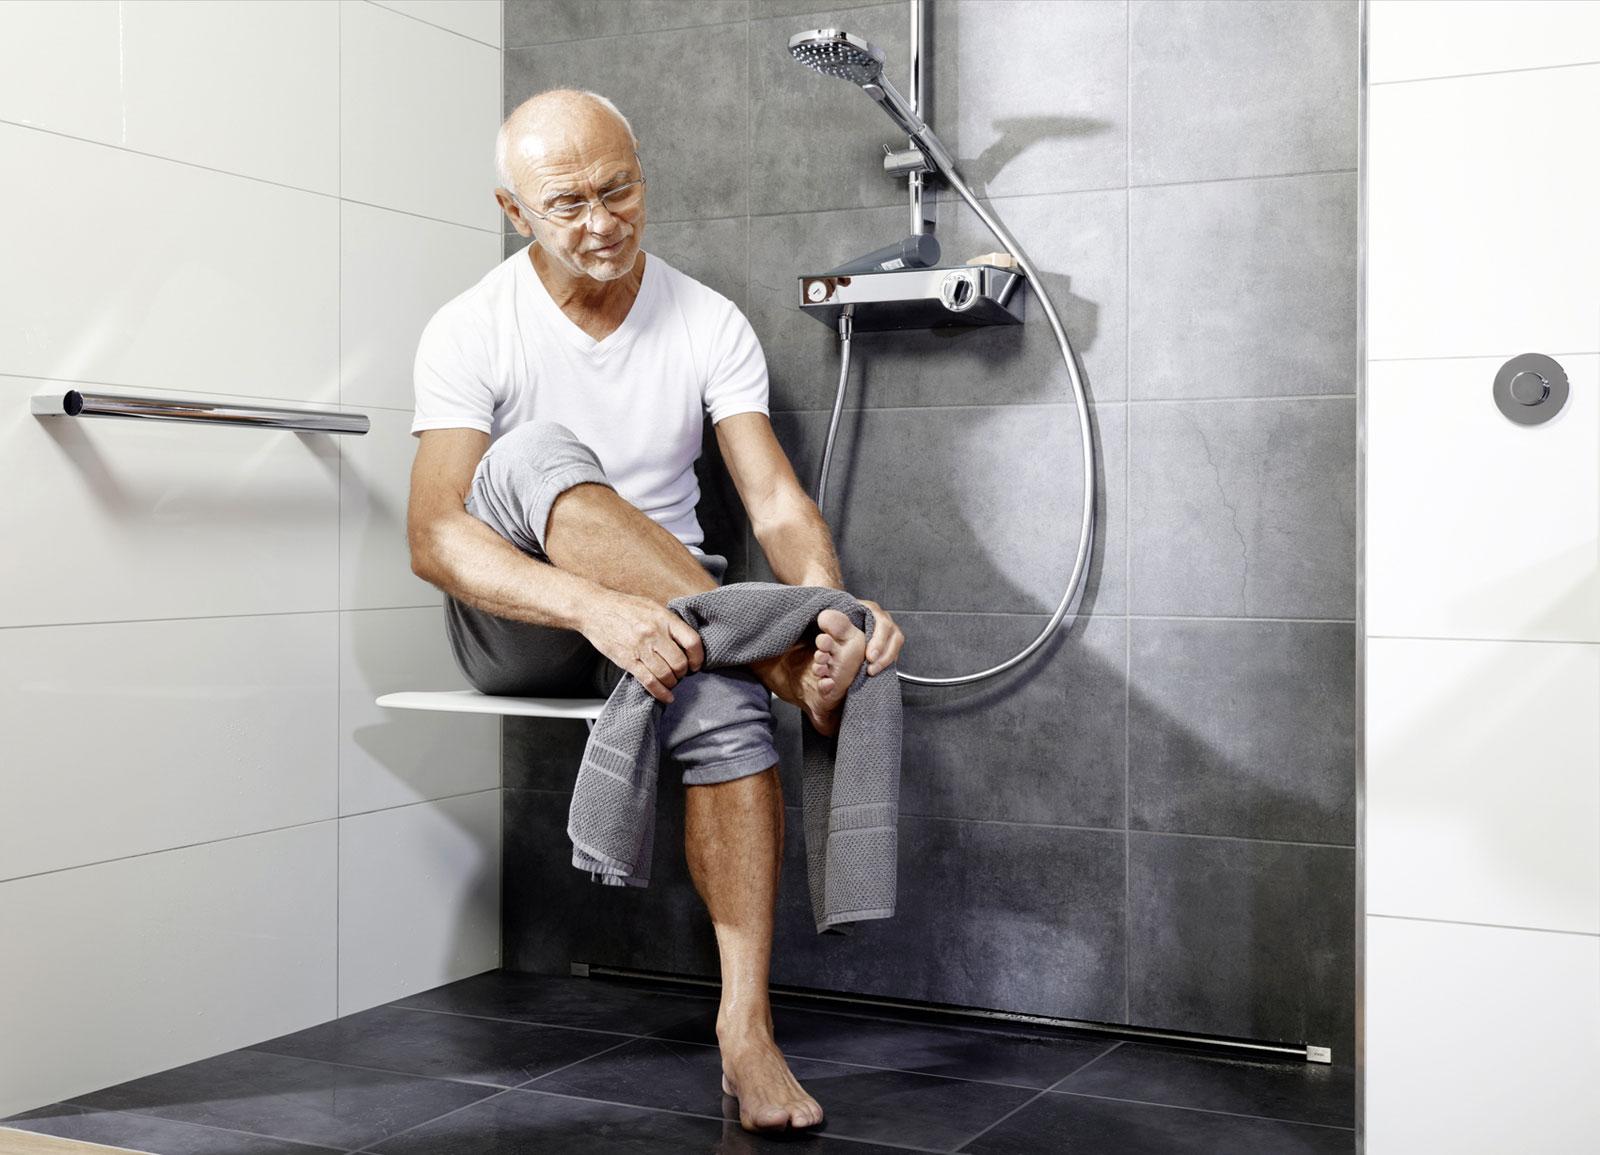 lazienka dla seniora rozwiazania sanitarne viega przystosowane do wieku uzytkownikow2 - Łazienka dla seniora - rozwiązania sanitarne Viega przystosowane do wieku użytkowników